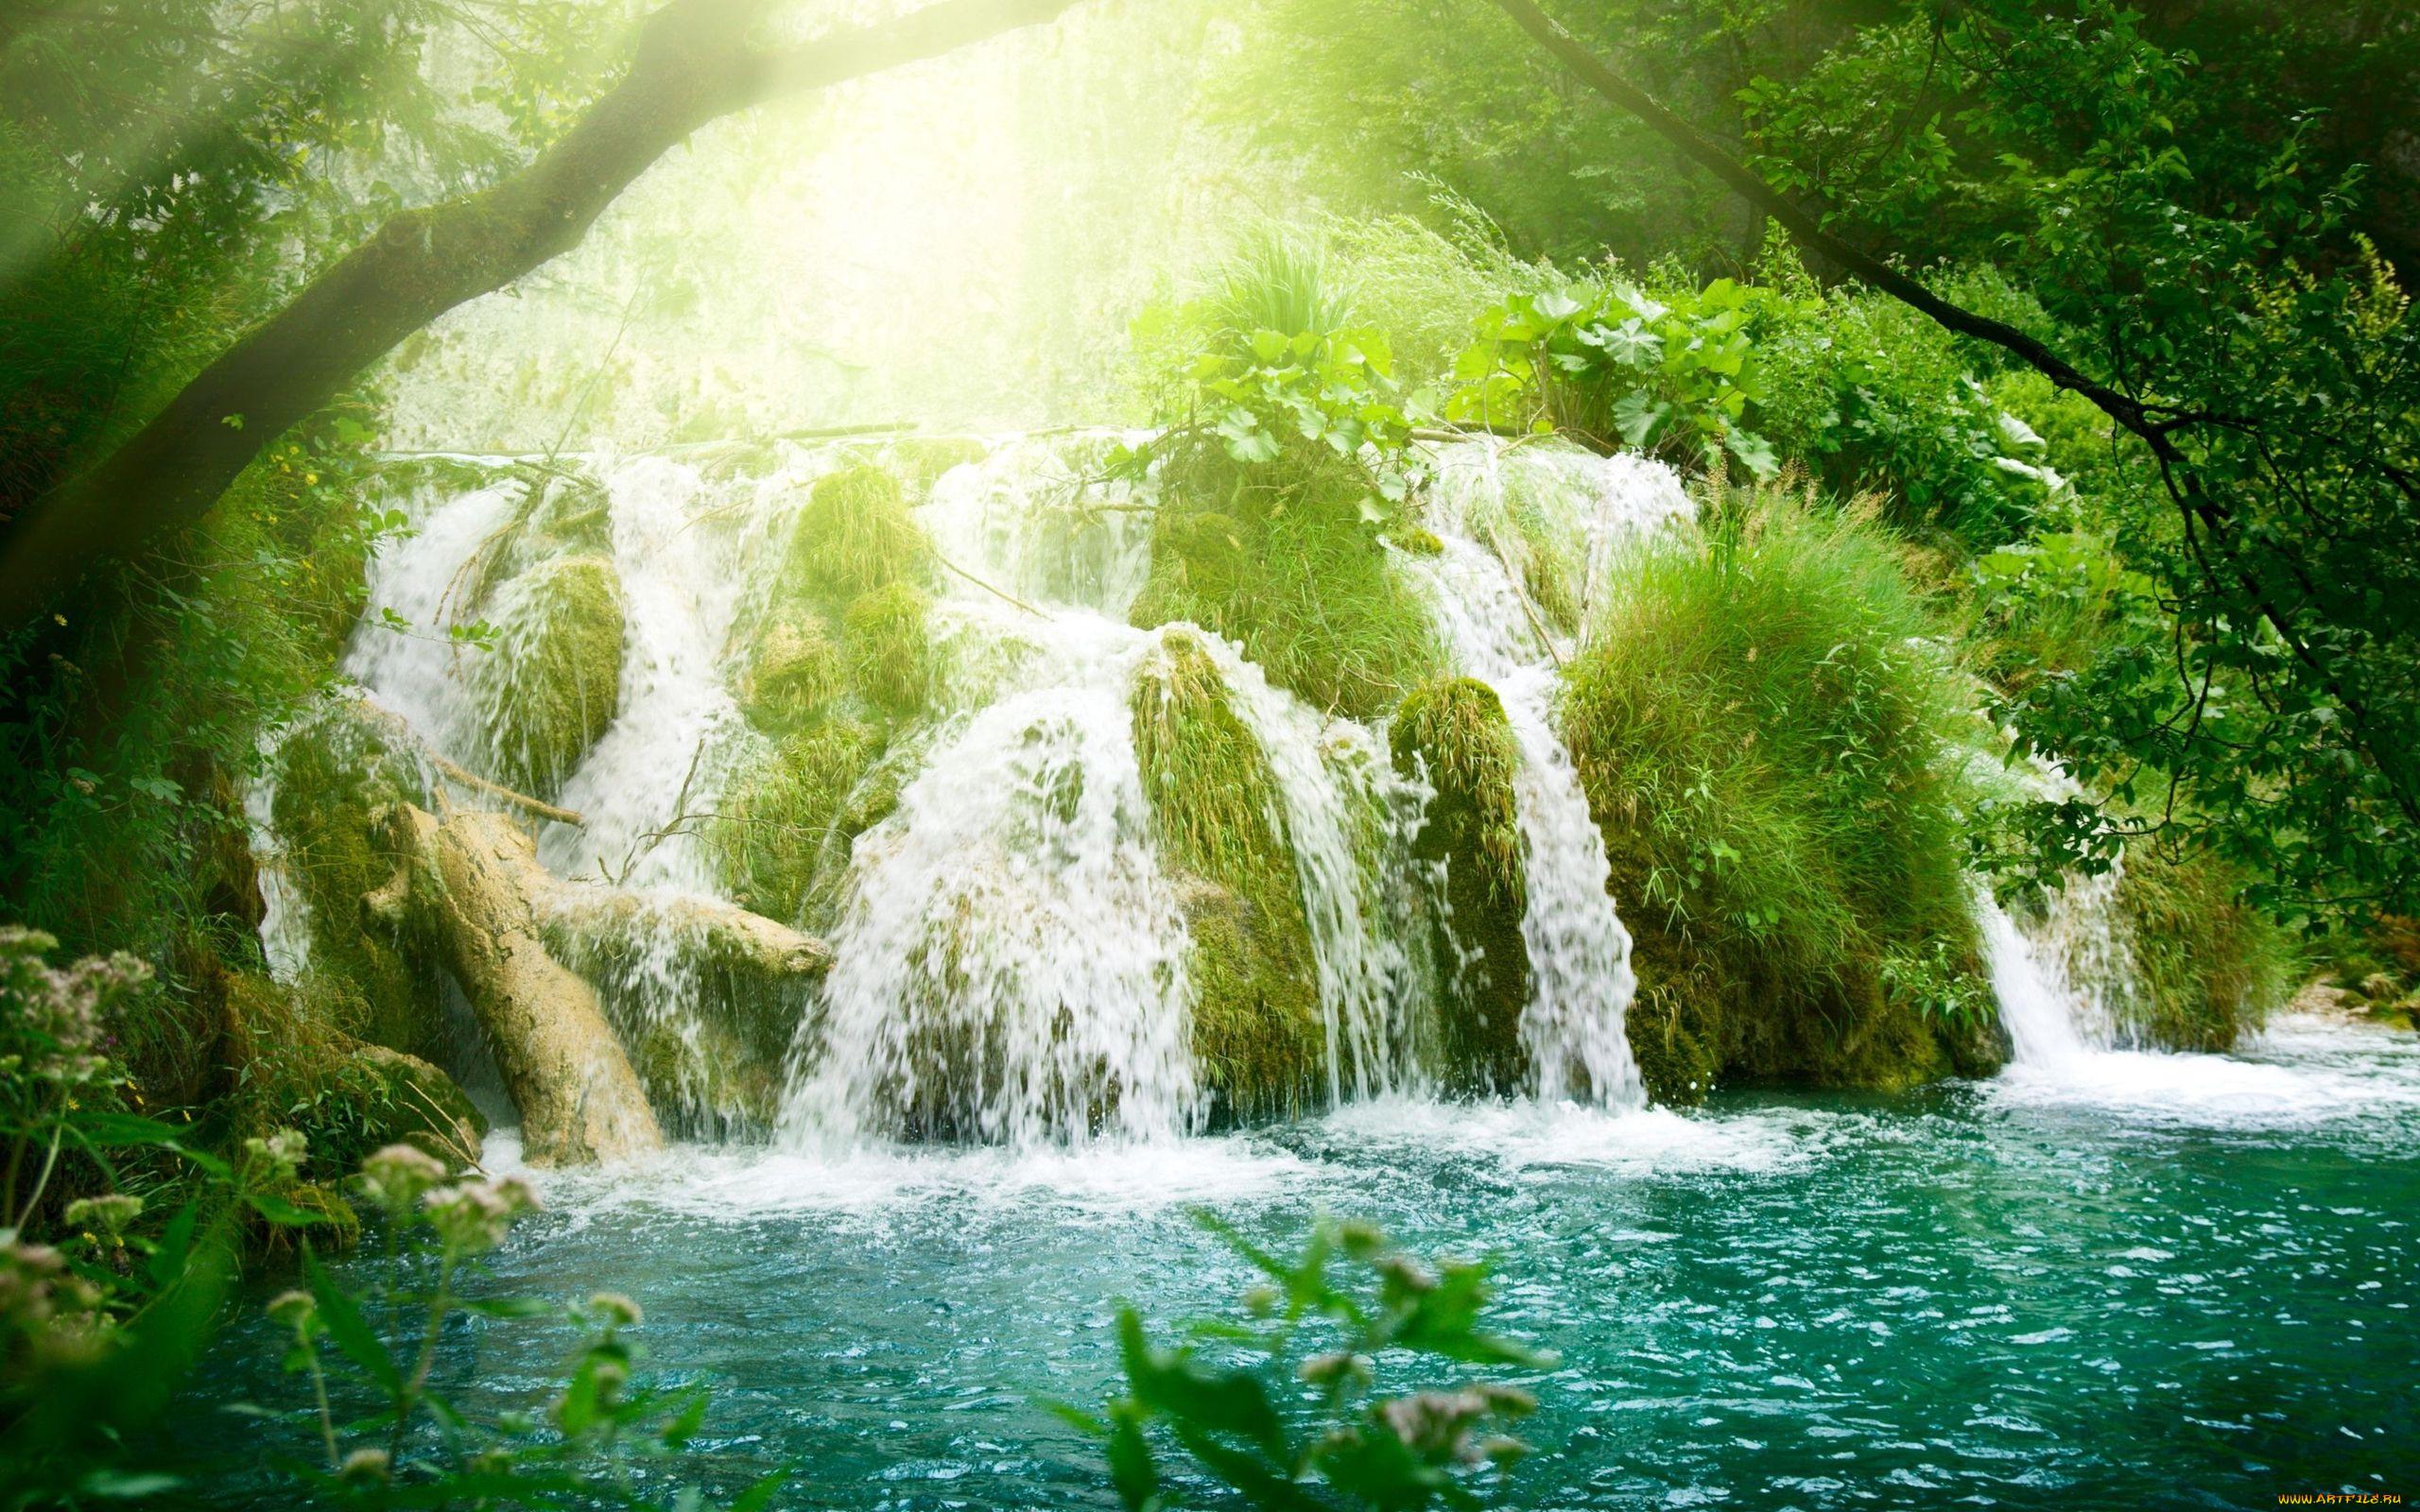 фон для рабочего стола водопады живые одна